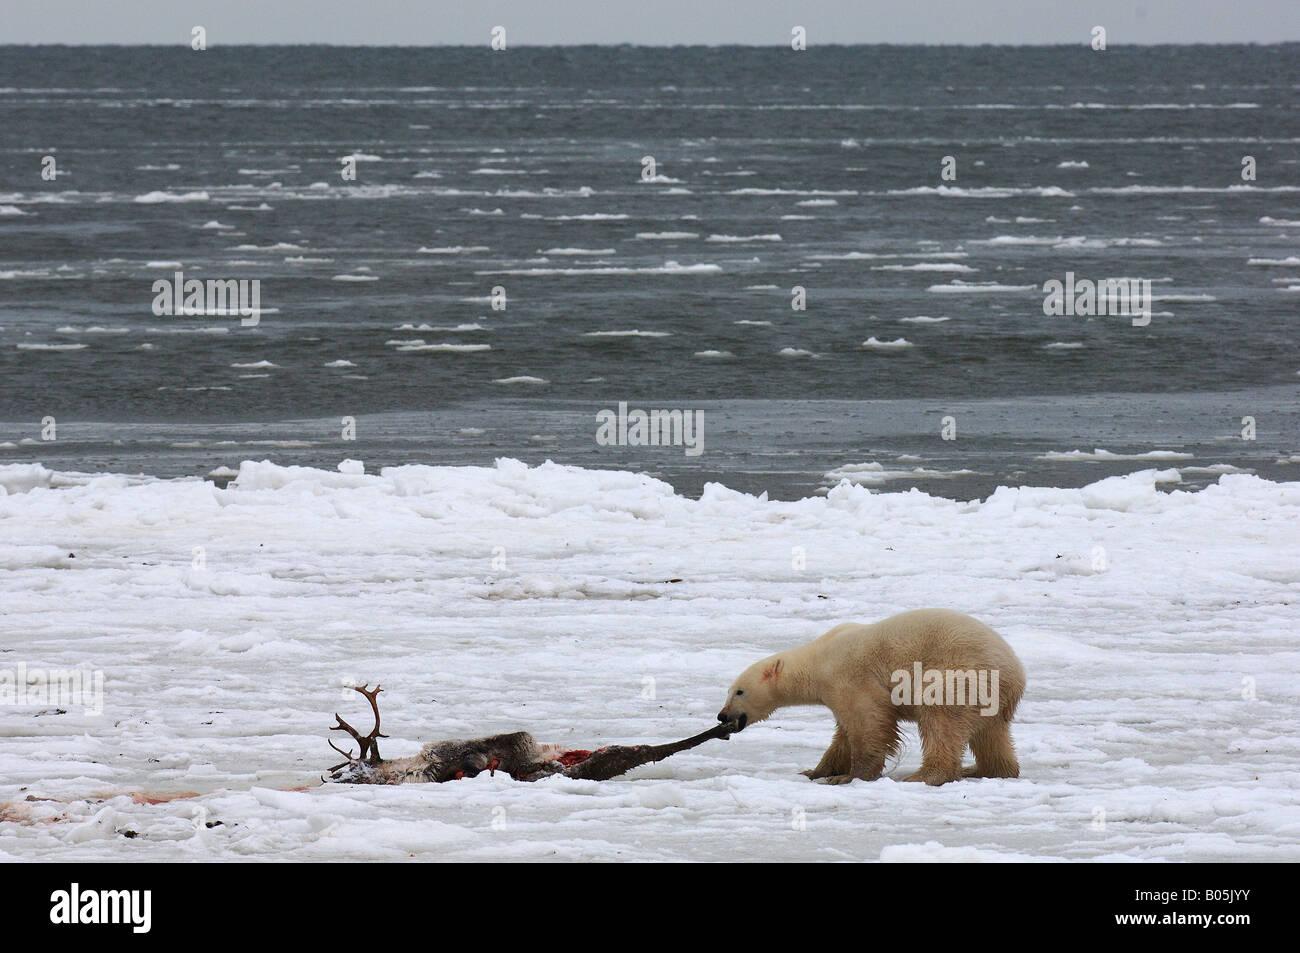 Manitoba della baia di Hudson foto uniche dei maschi di orso polare alimentazione su una carcassa di Caribou Coffee Immagini Stock